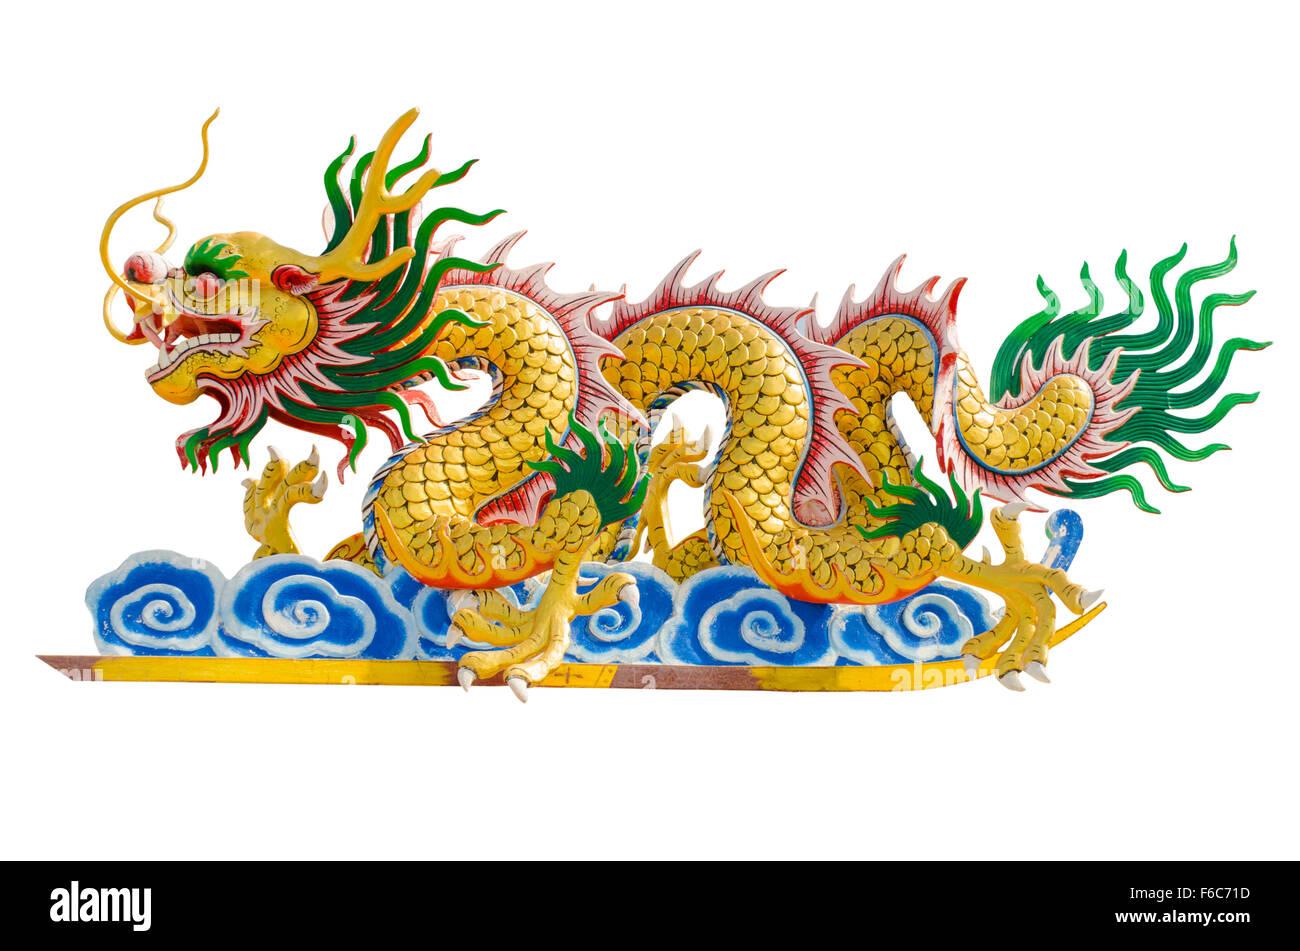 Drago Cinese immagine su sfondi bianchi. Immagini Stock